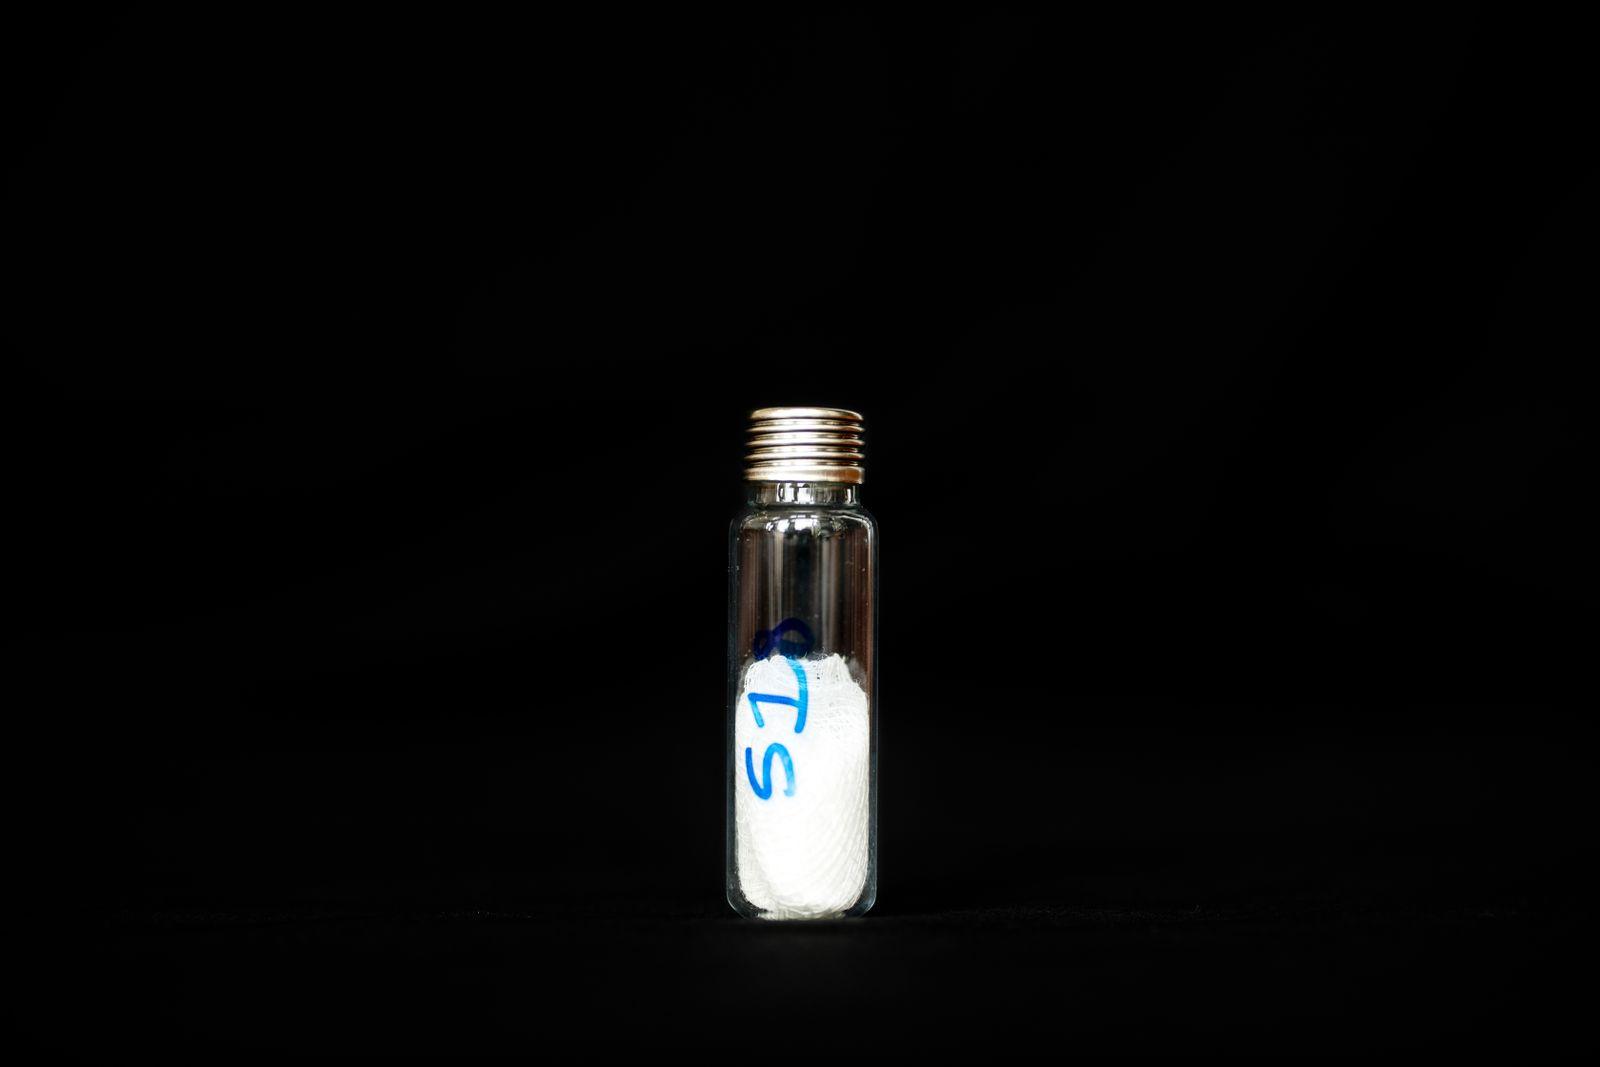 EINMALIGE VERWENDUNG SP 46/2019 S. 60 - Geruchsprobe - Parkinson riechen